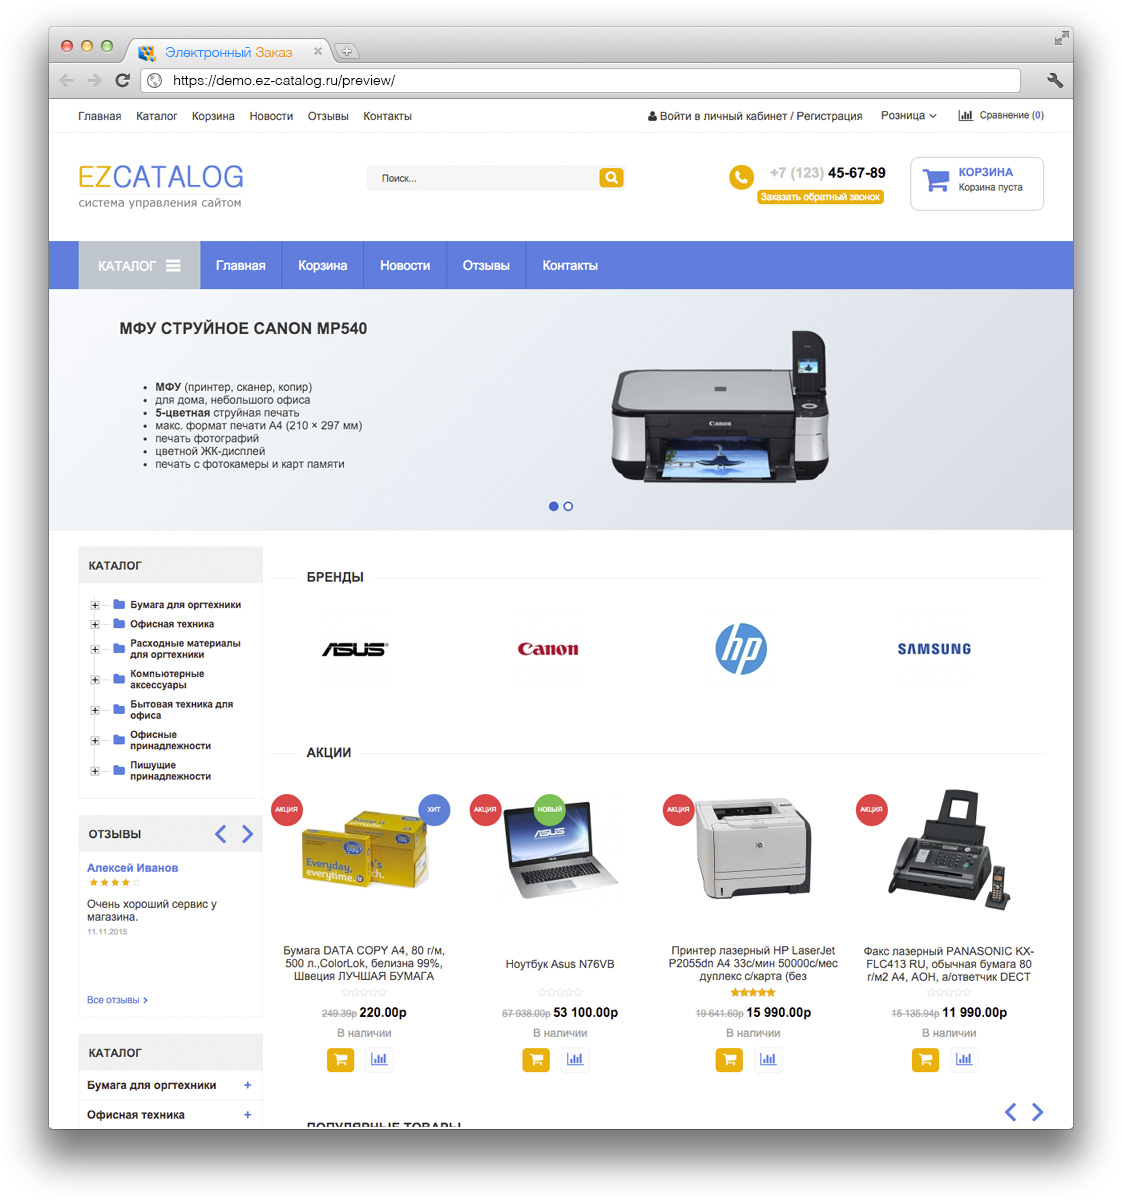 Каталог создание wap сайтов бесплатно прошивка от олега vpn сервер